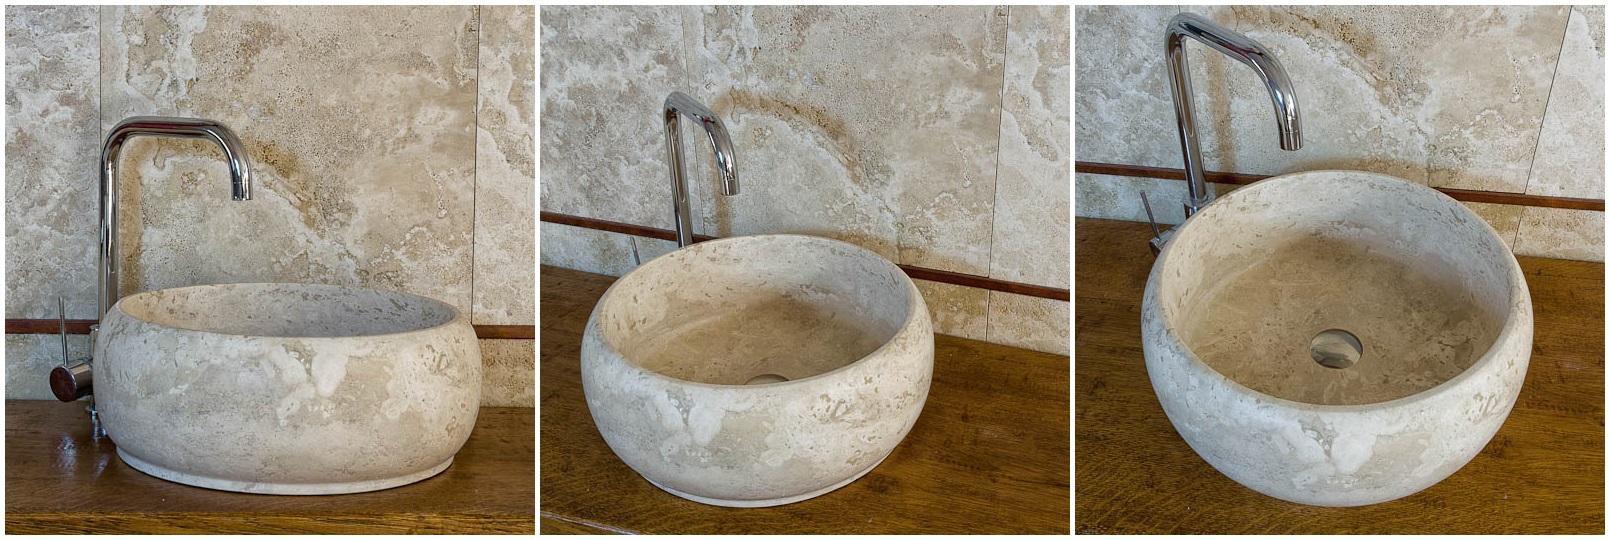 Lavabi in pietra lavandini in marmo lavabo in travertino - Lavabi bagno in pietra ...